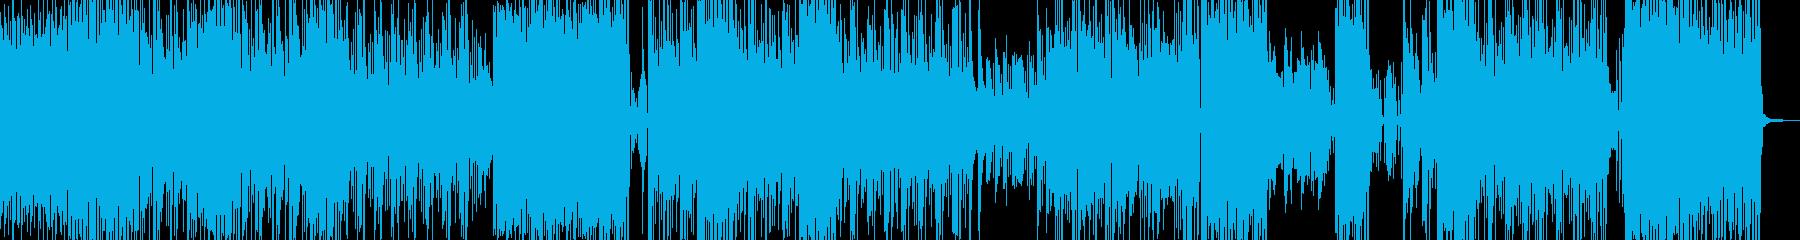 和楽器・おバカな雰囲気溢れるテクノ  Bの再生済みの波形